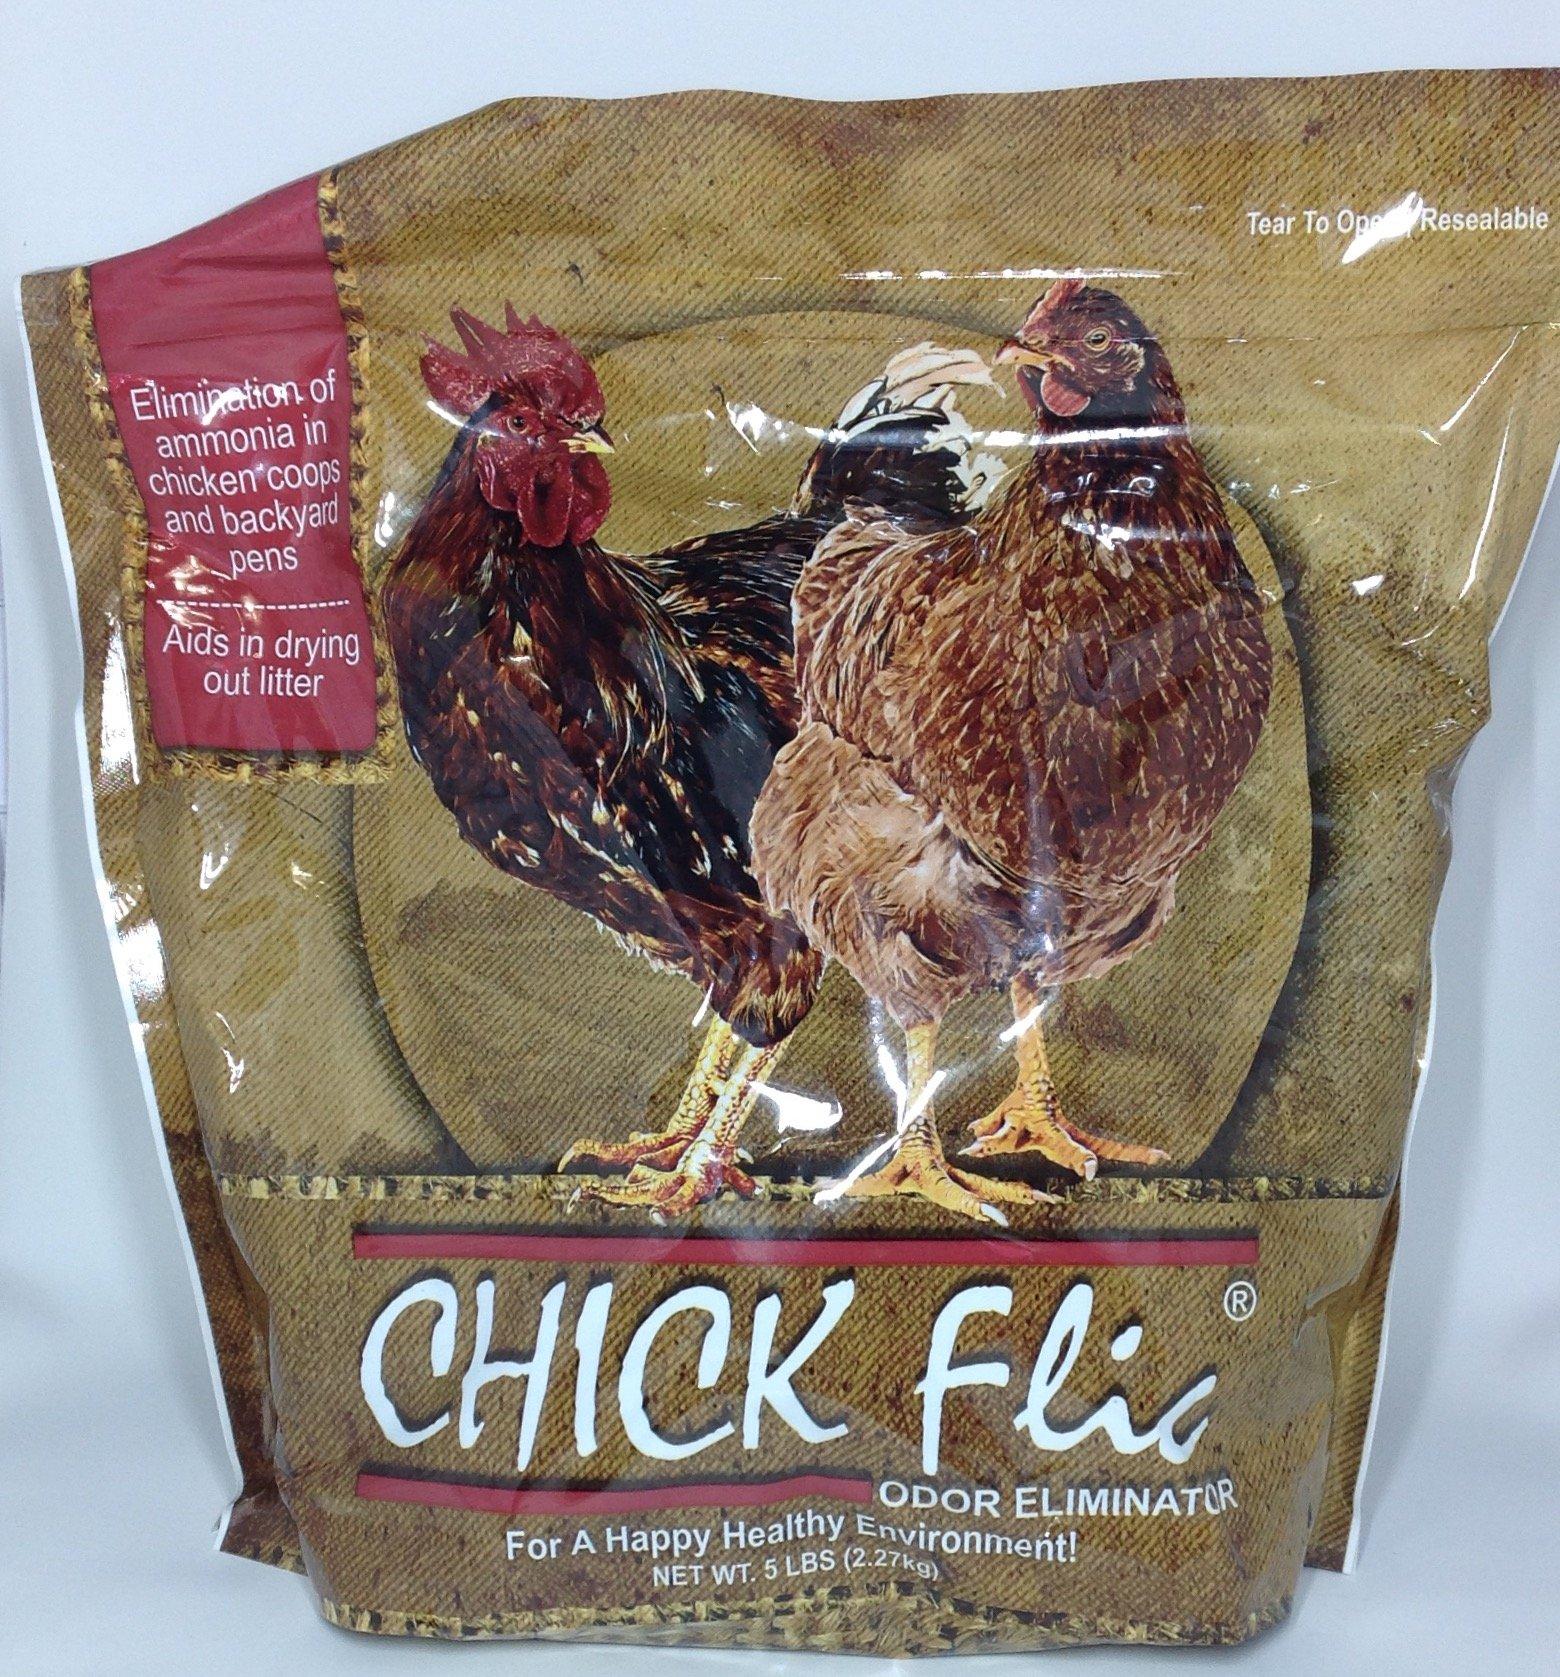 Muddy Hill Farm Chick-flic (4 bags) by Muddy Hill Farm